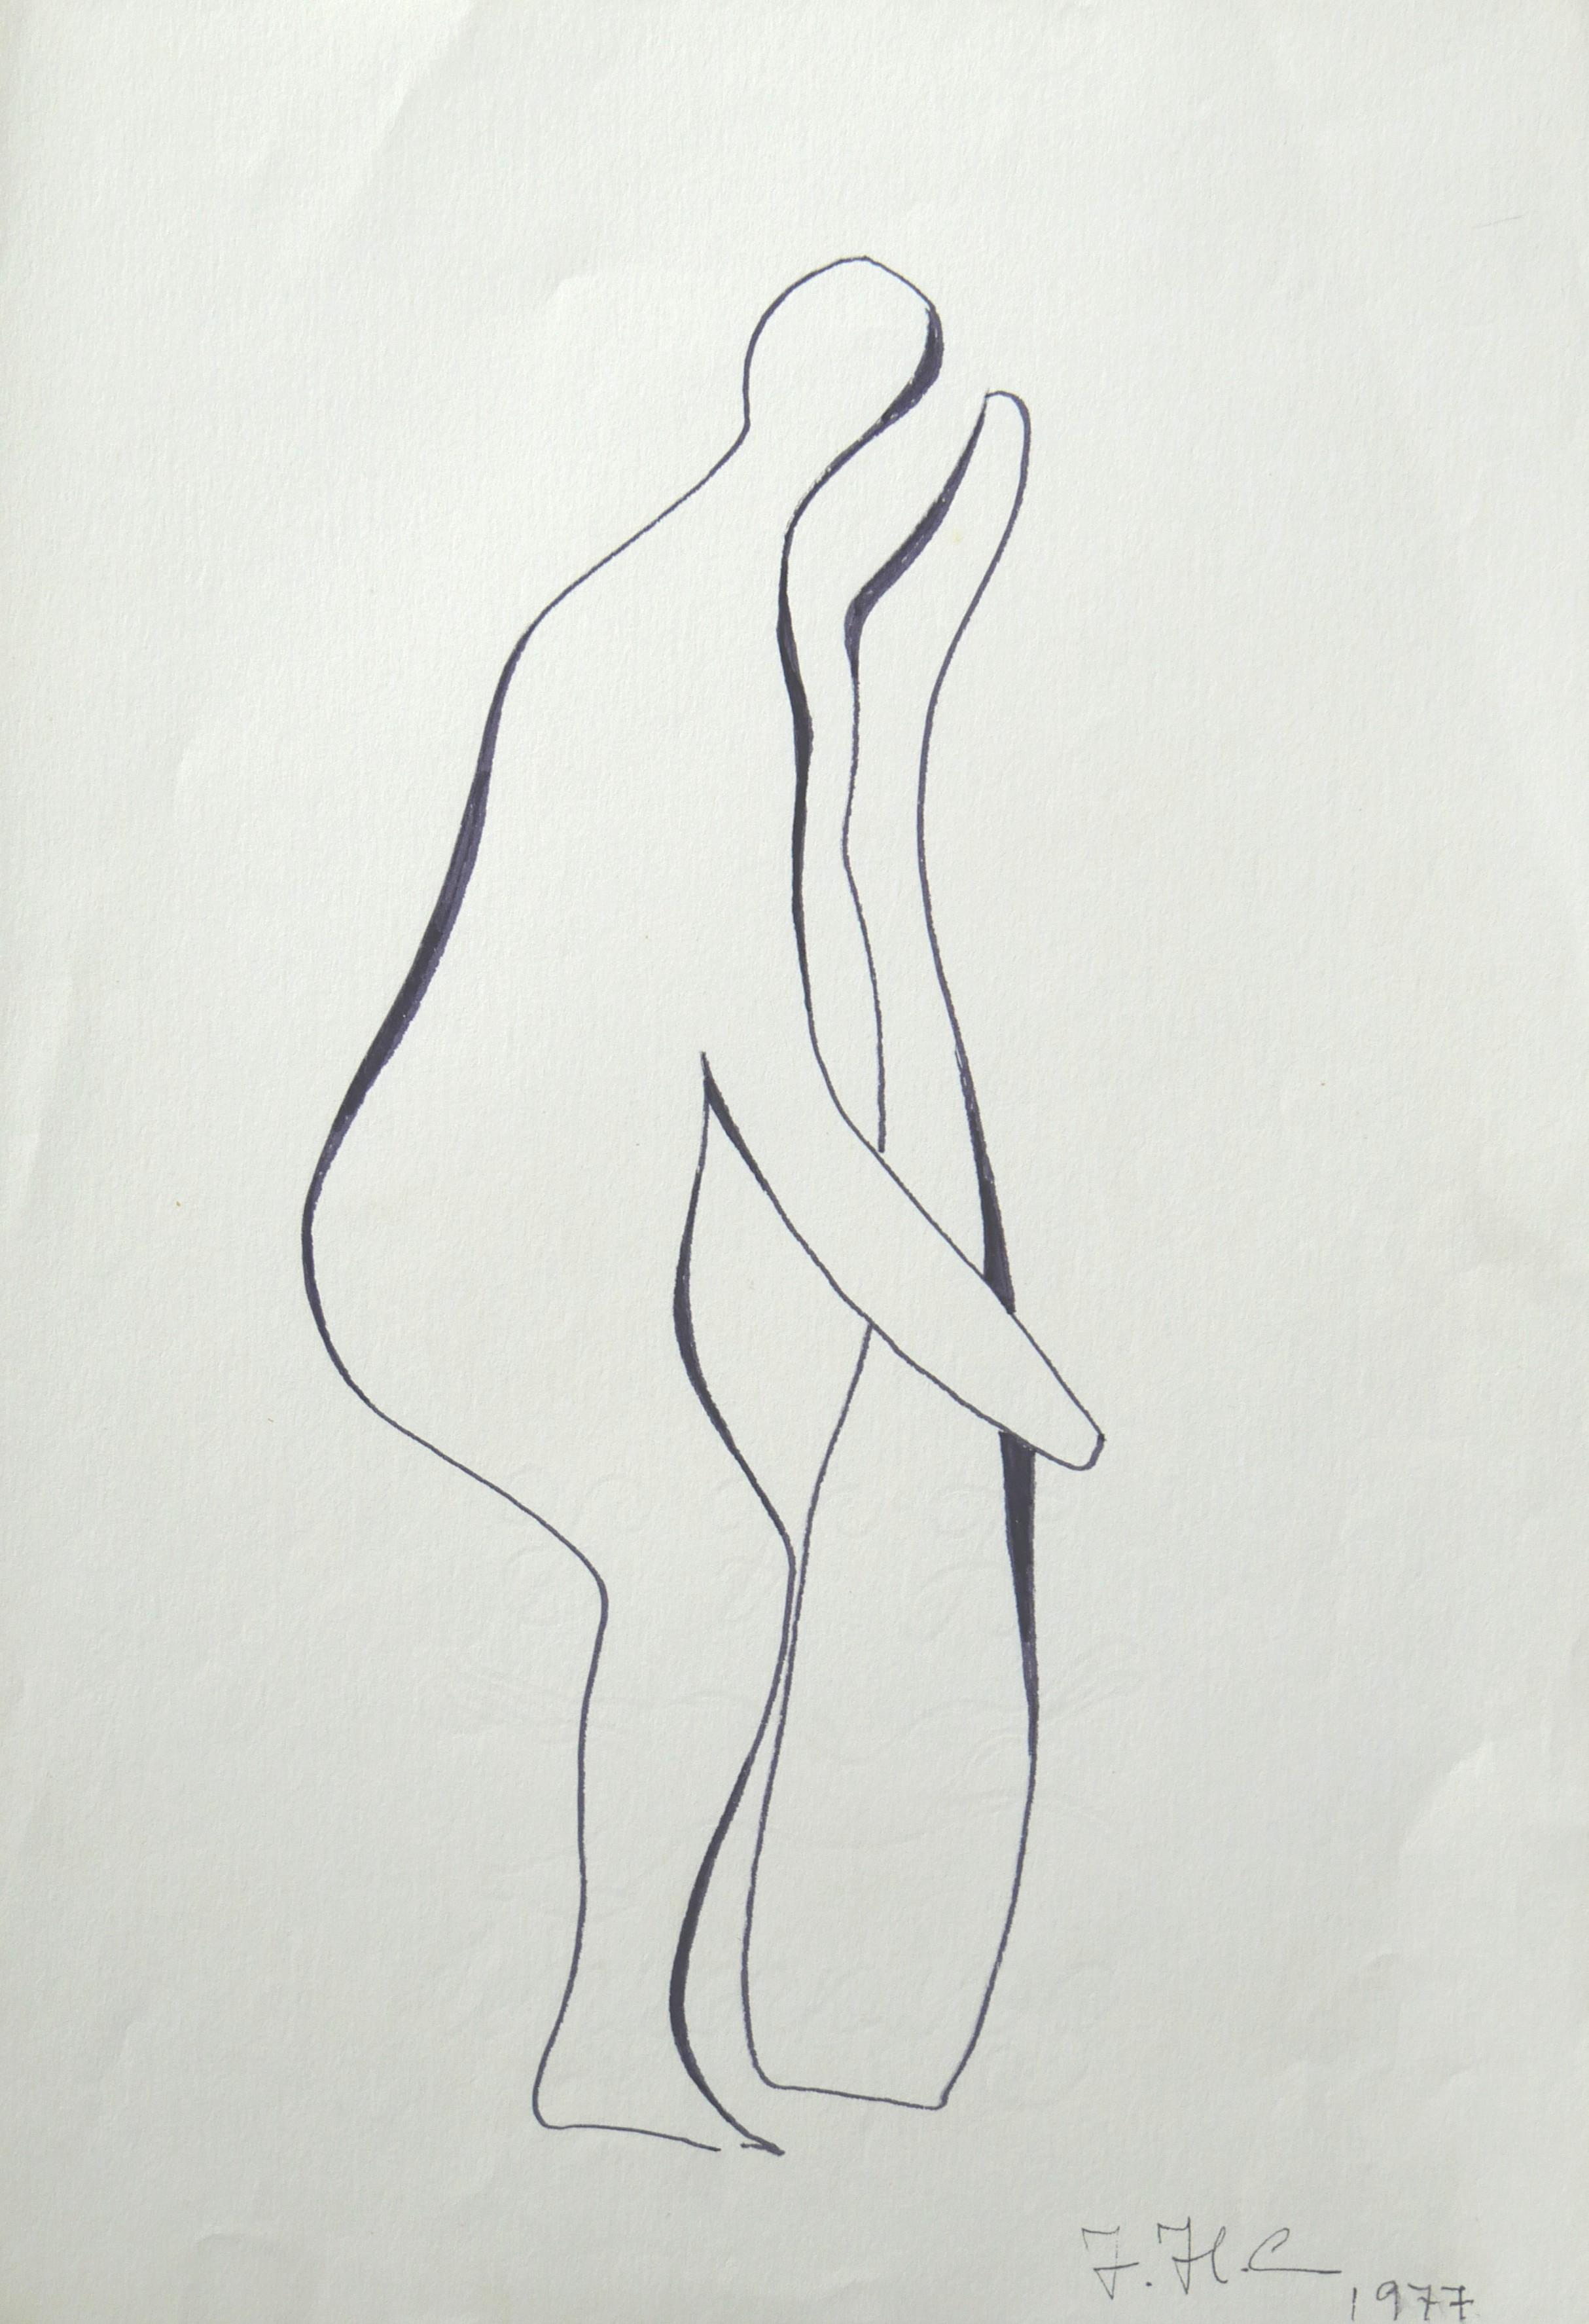 1977.6. Desnudo .31x21 cm. Rotulador negro.